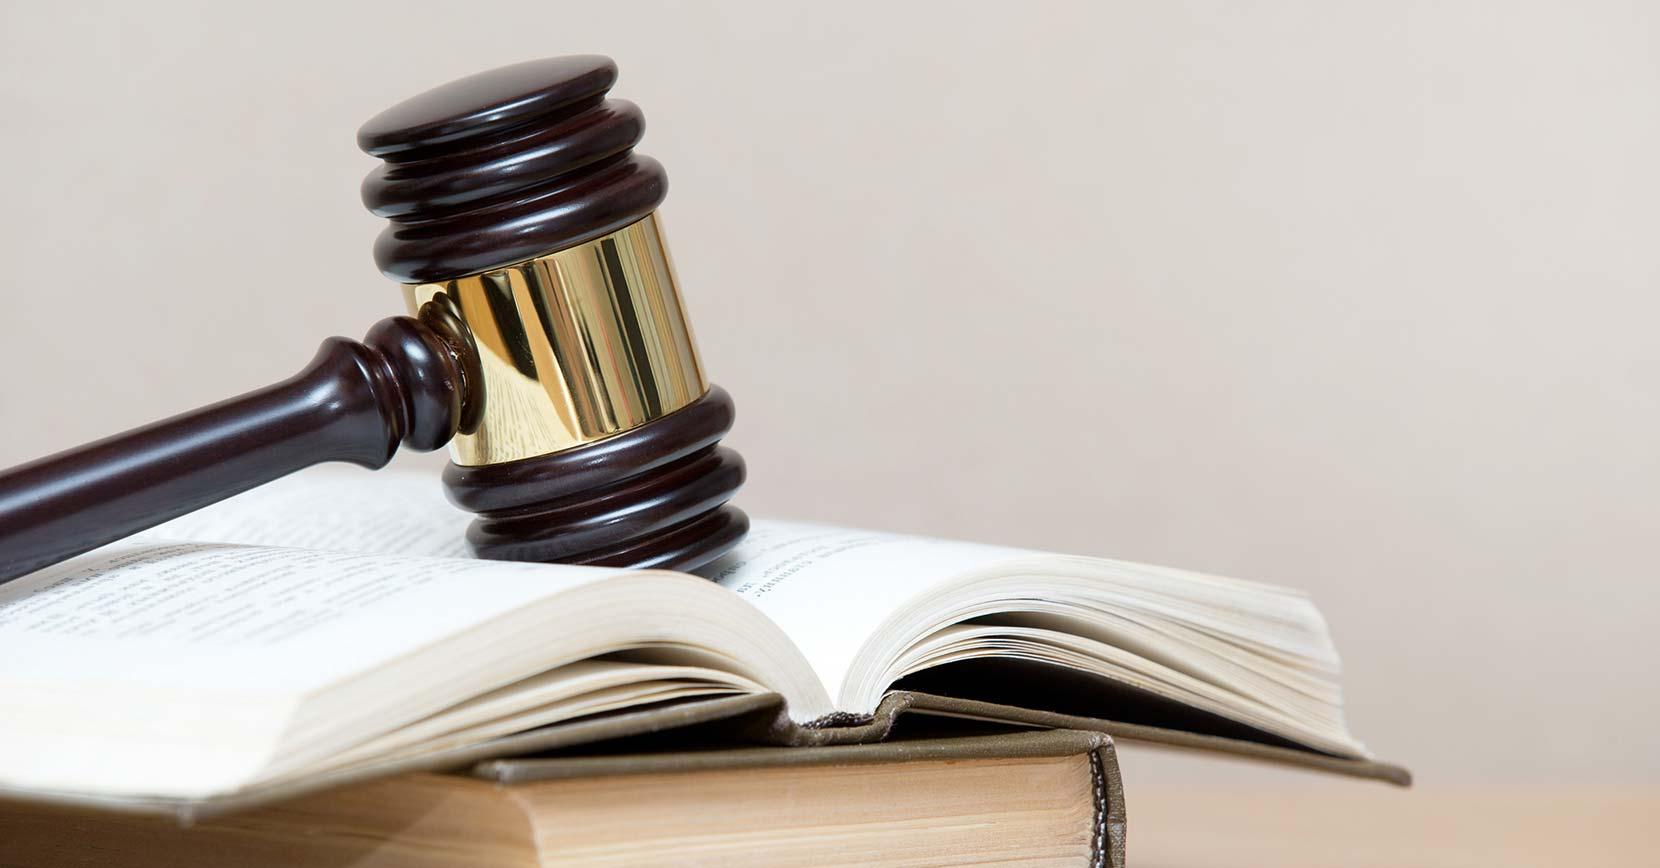 Covid-19: Norma que suspende despedimentos é inconstitucional, alerta Ordem dos Advogados